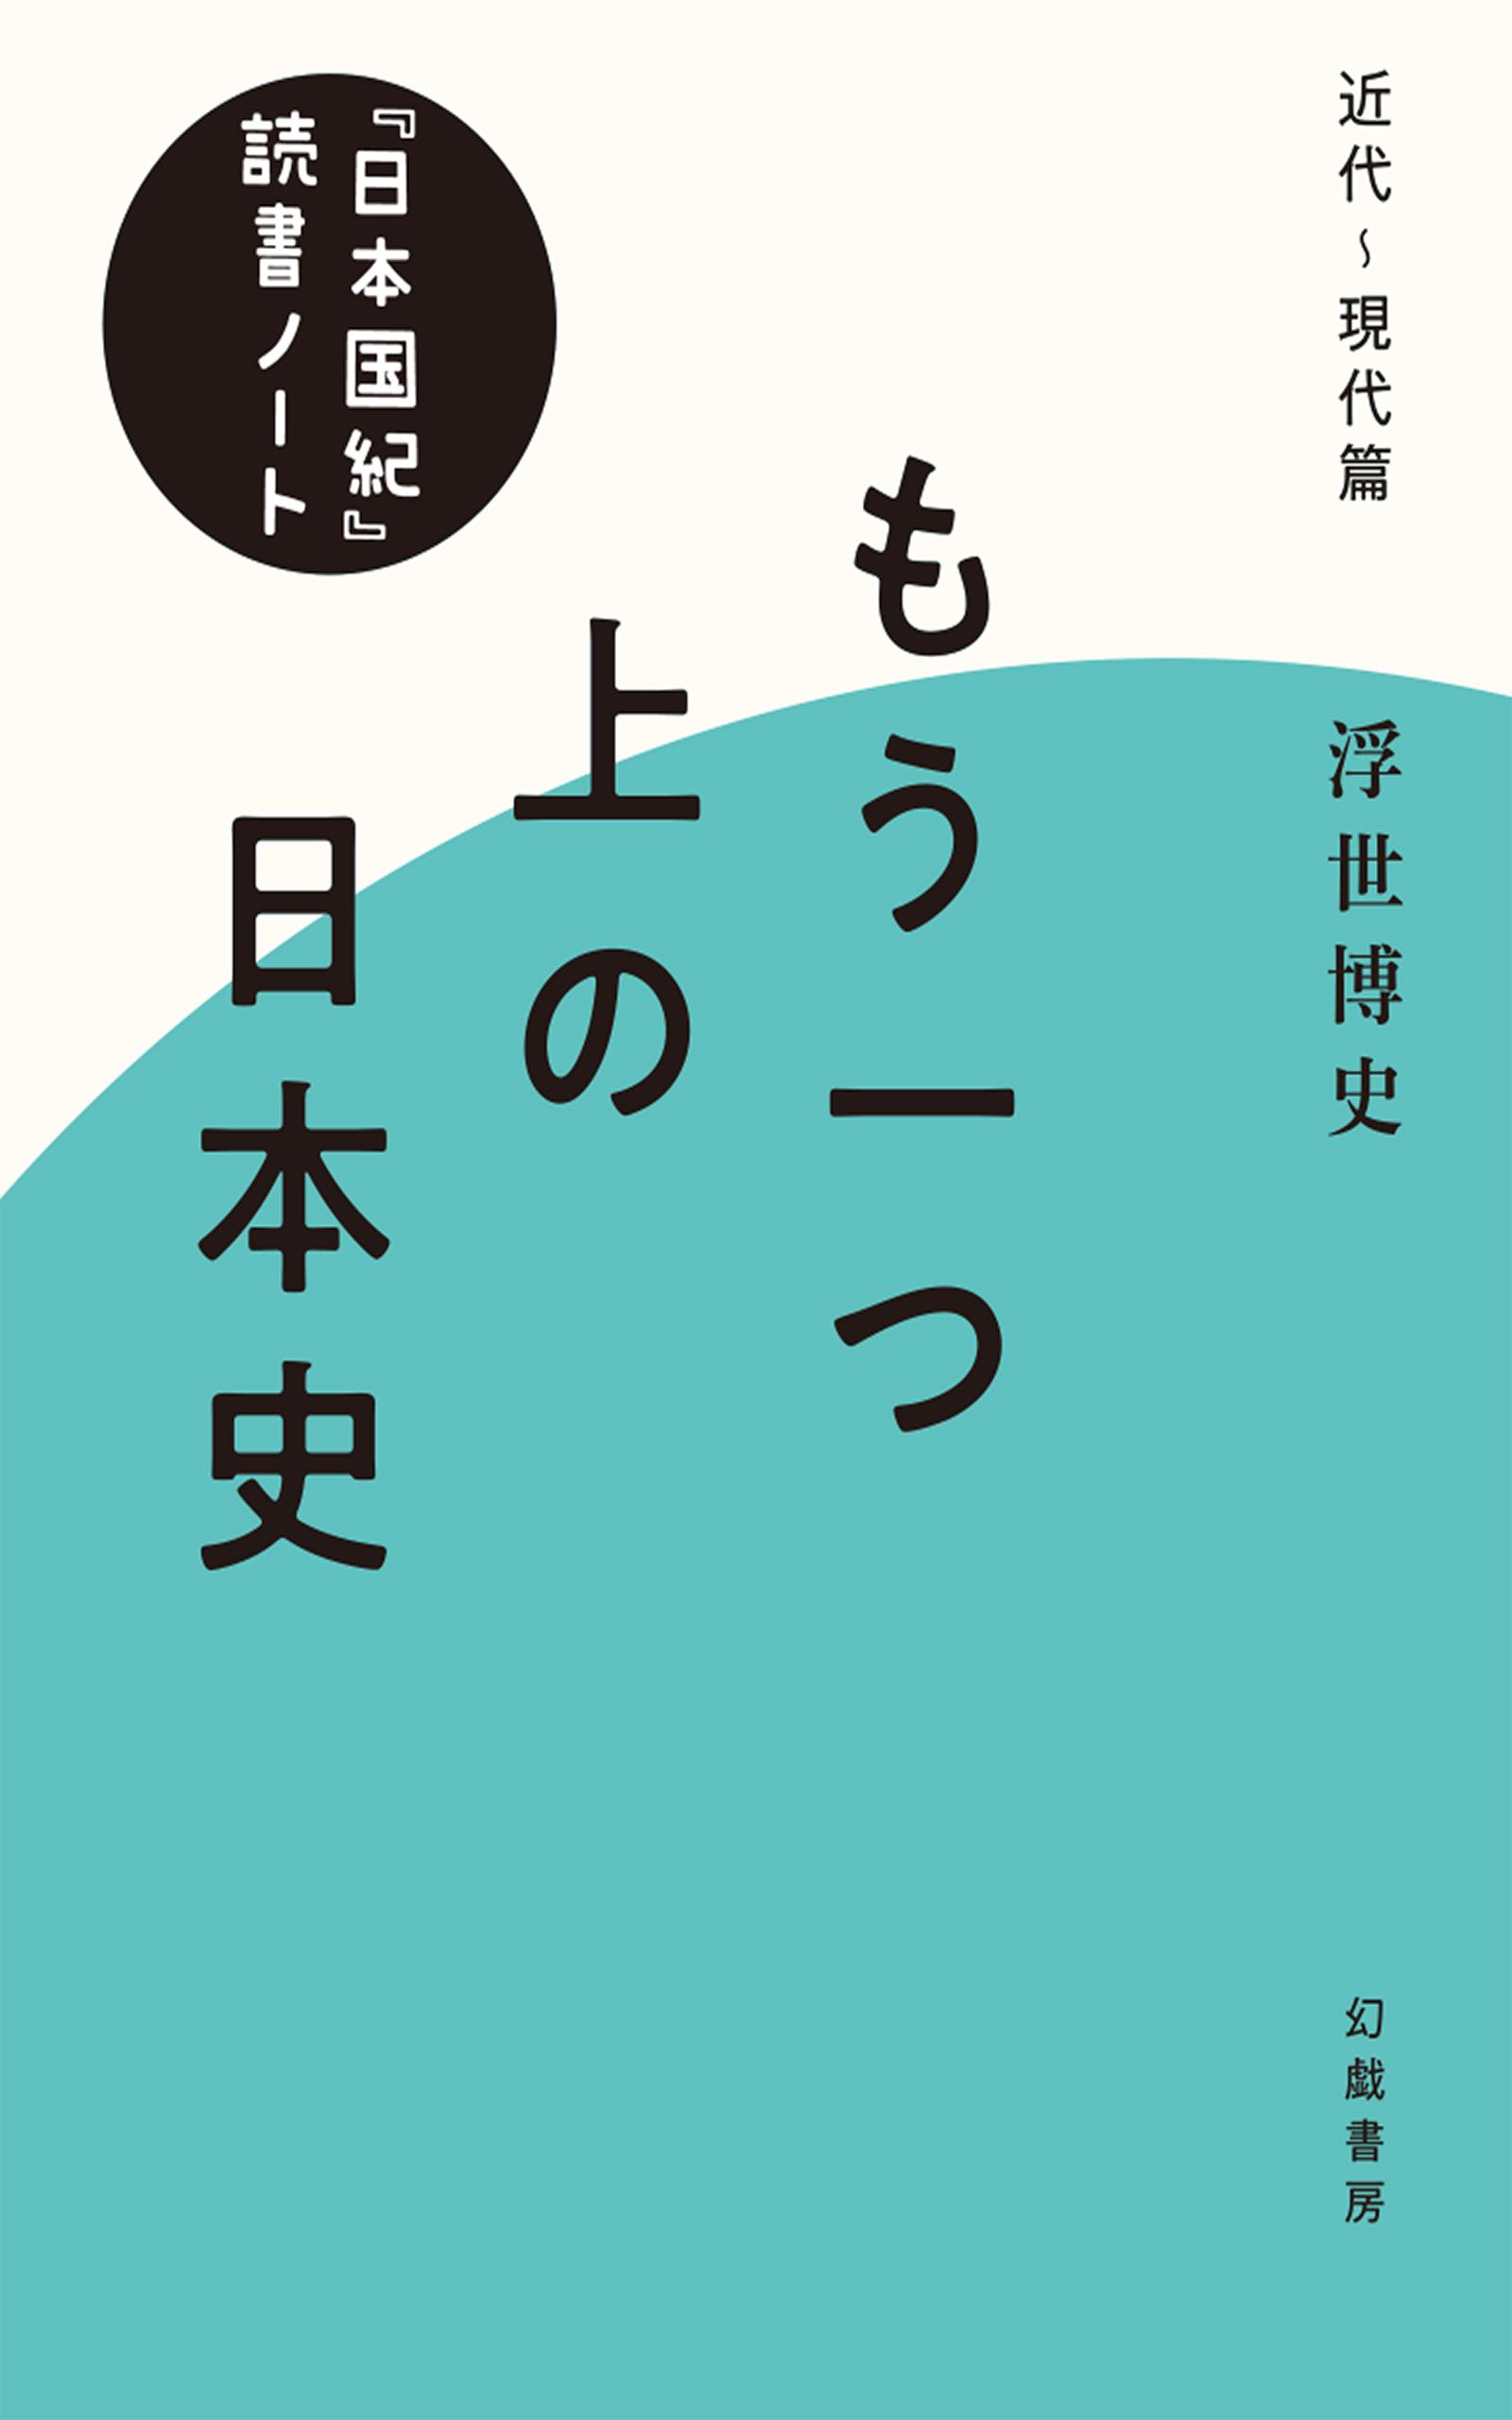 浮世博史『もう一つ上の日本史 『日本国紀』読書ノート・古代~近世篇』『近代~現代篇』の電子書籍版が配信開始されました。_d0045404_11043353.jpg